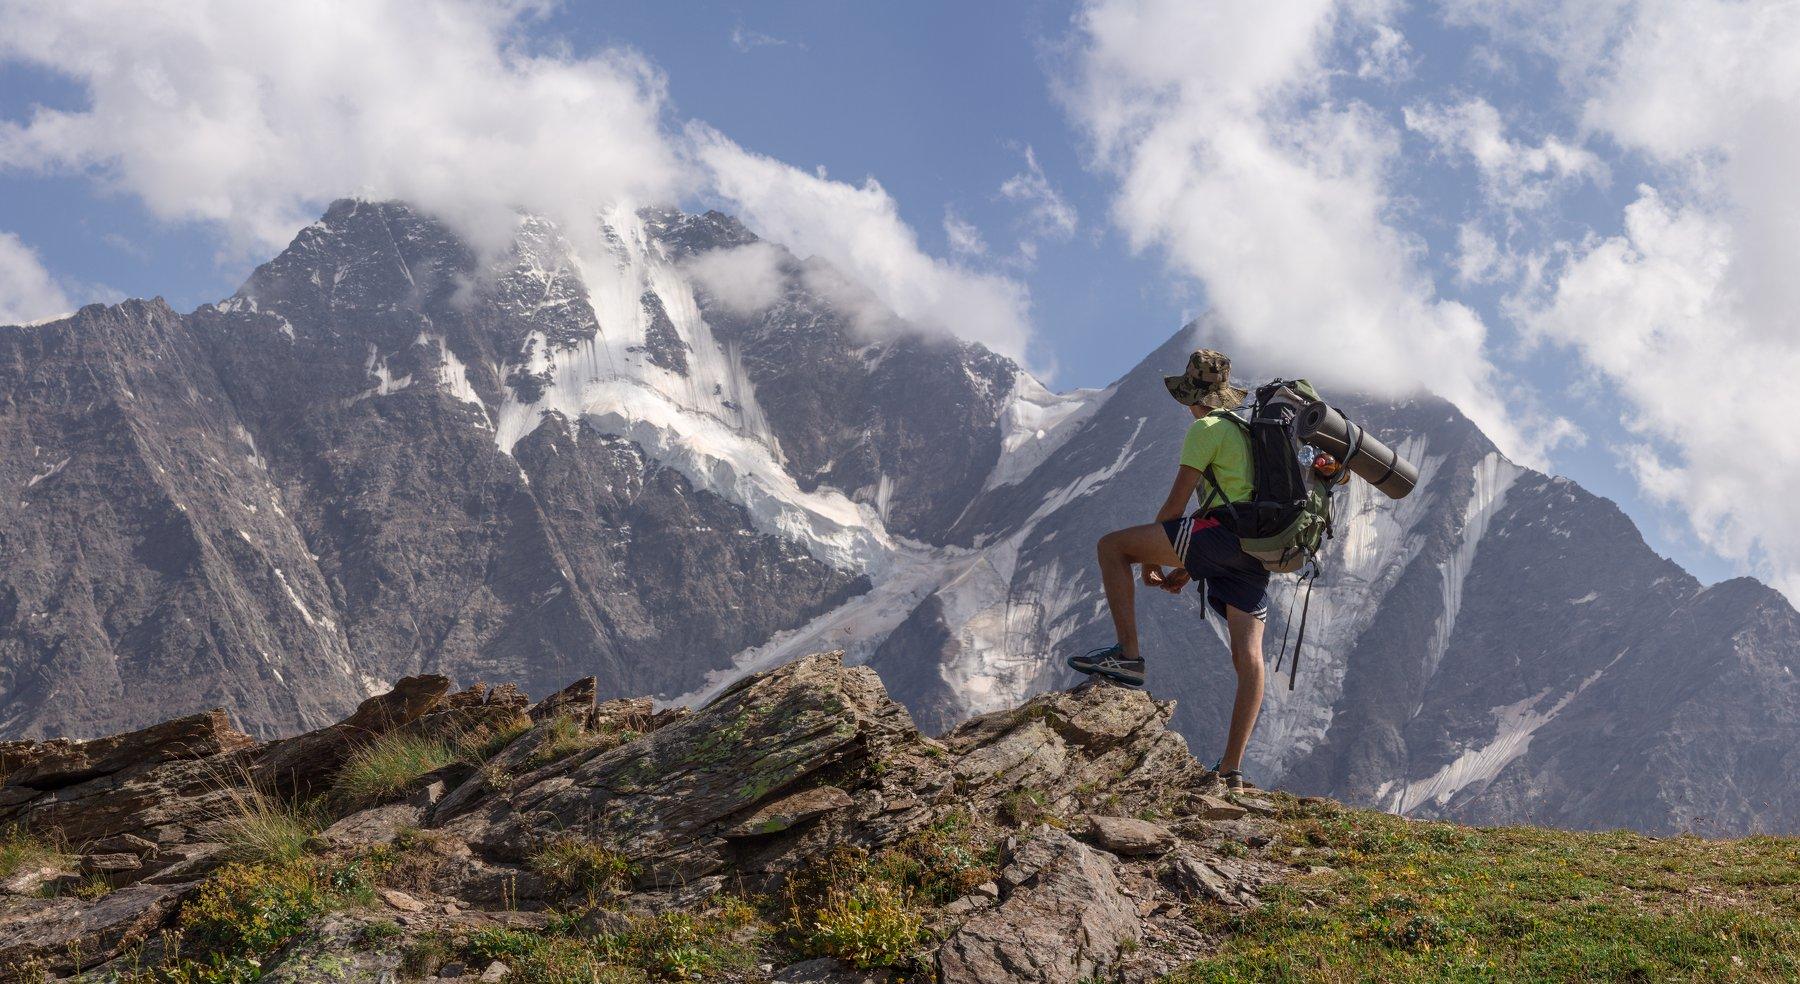 горы кавказ эльбрус путешествие чегет ледник закат, Евгений Озеров